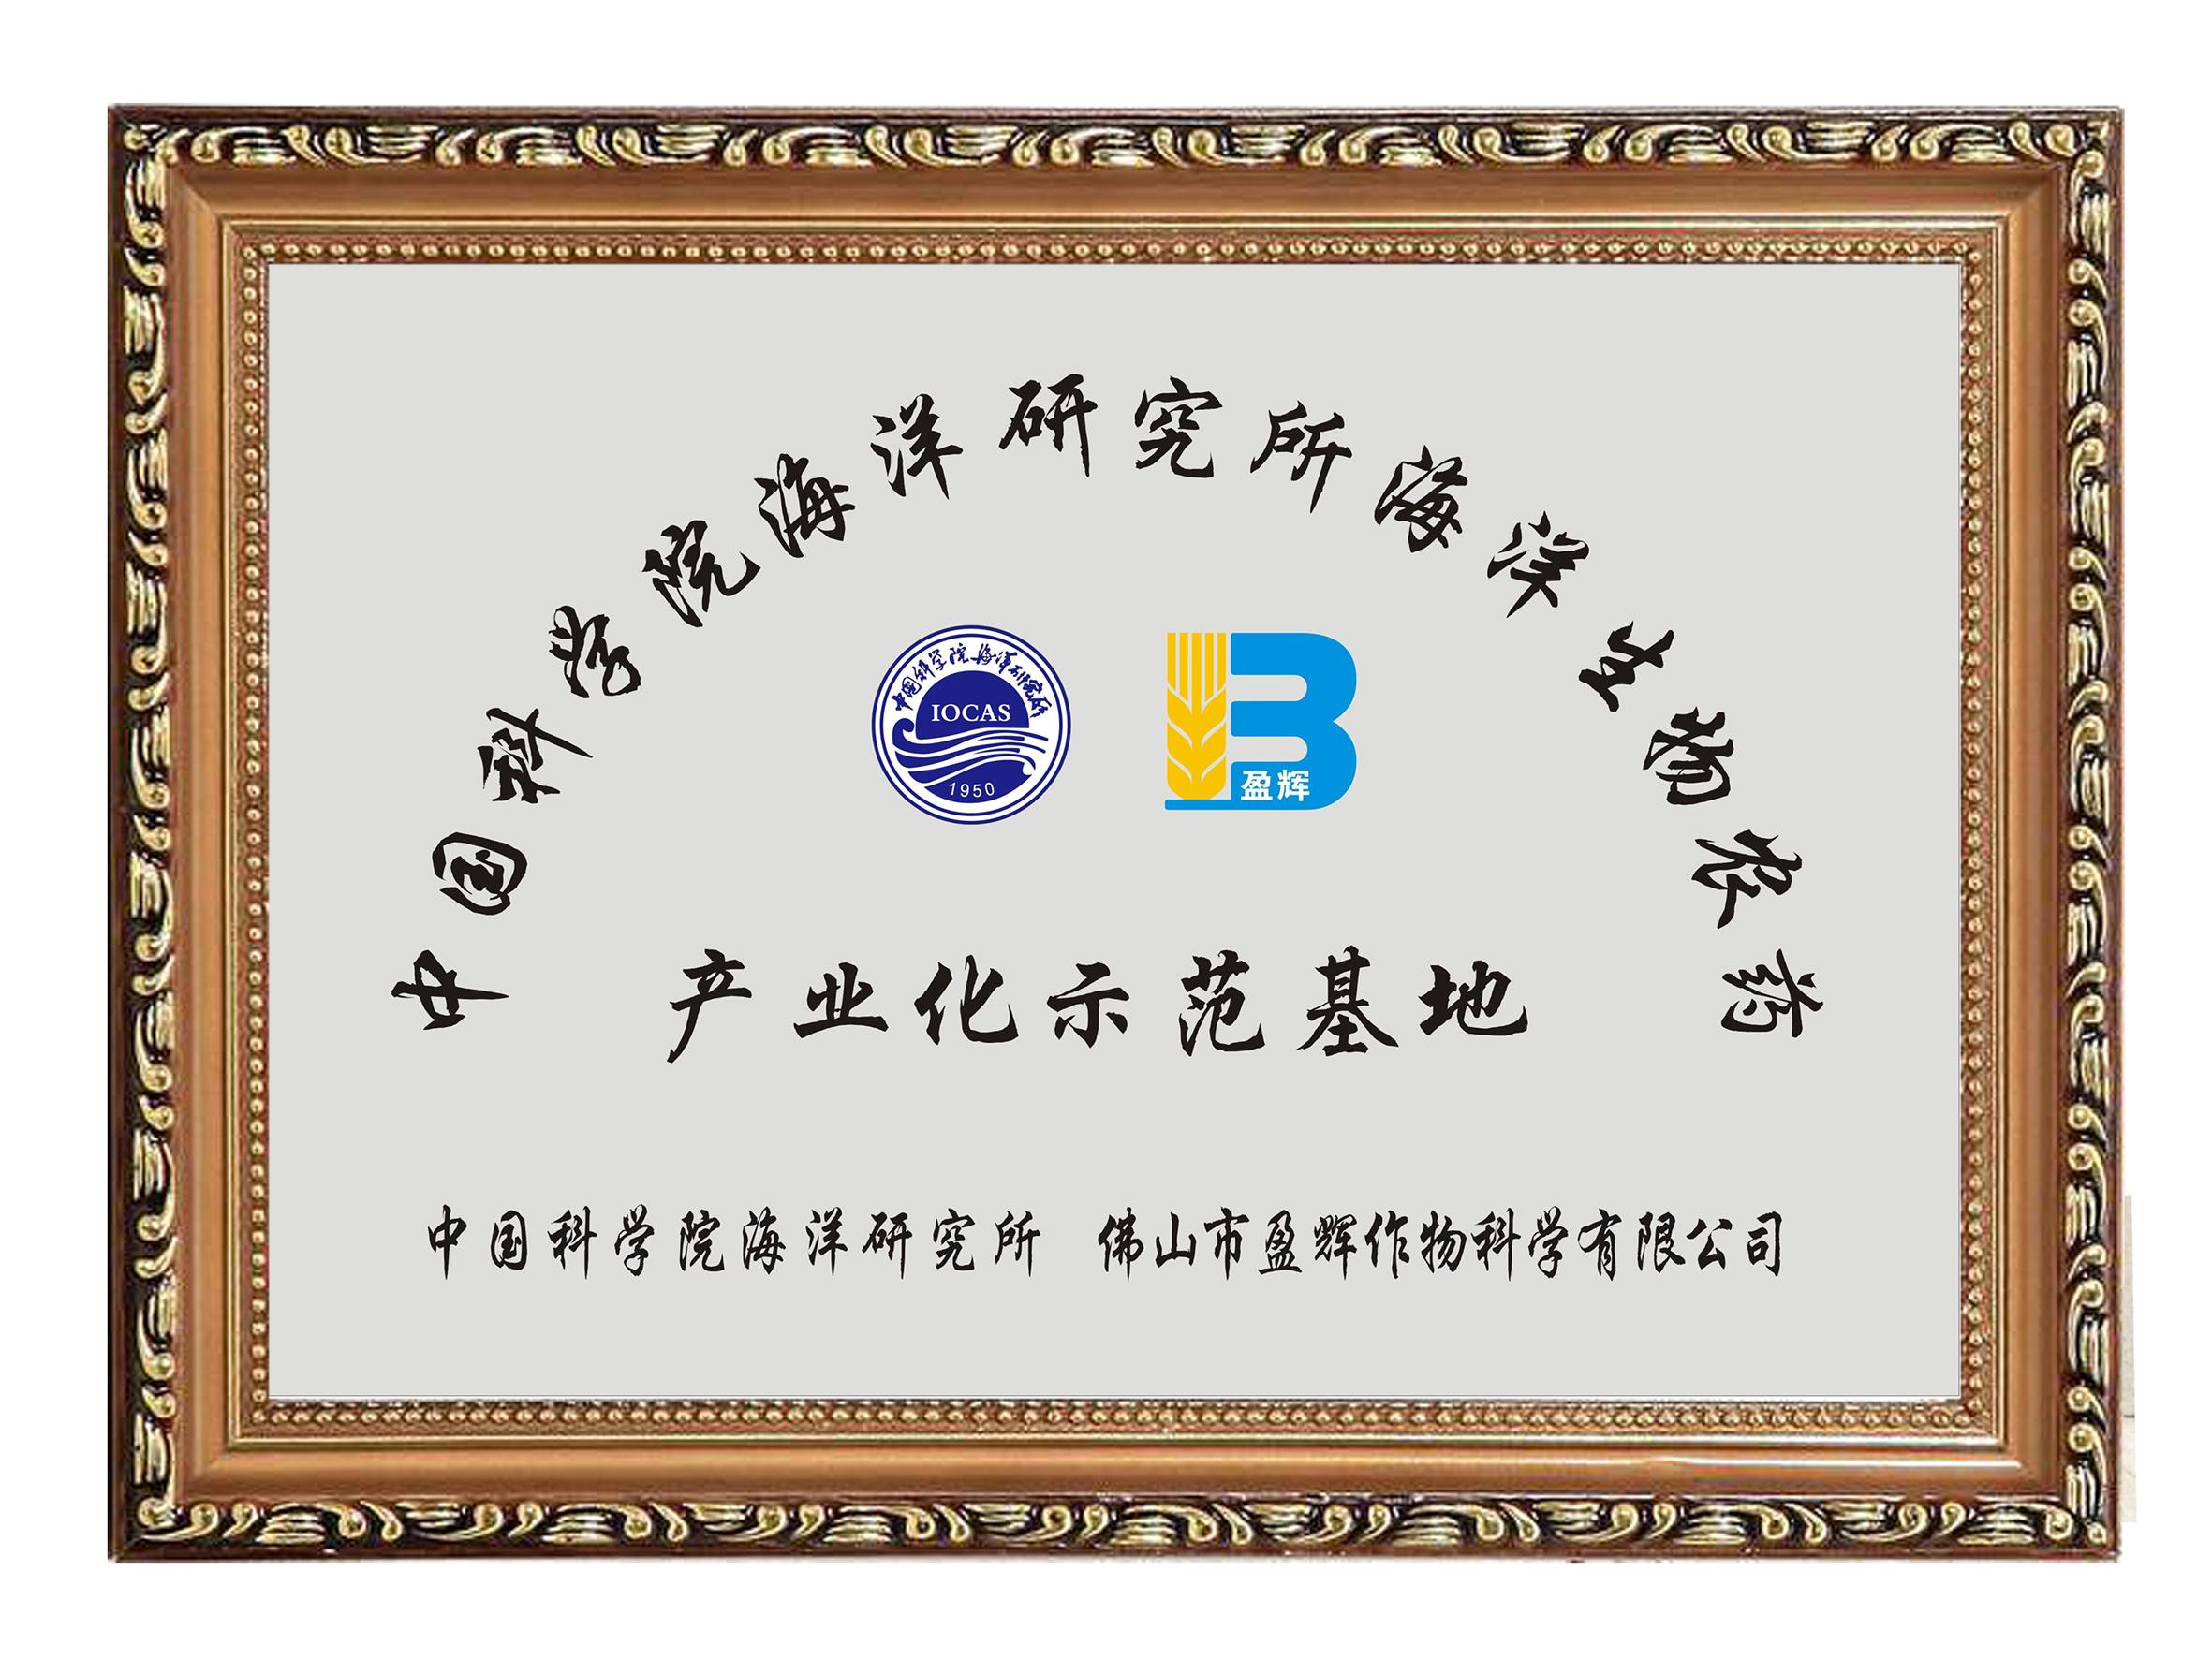 2015中国科学院海洋研究所海洋生物农药产业示范基地